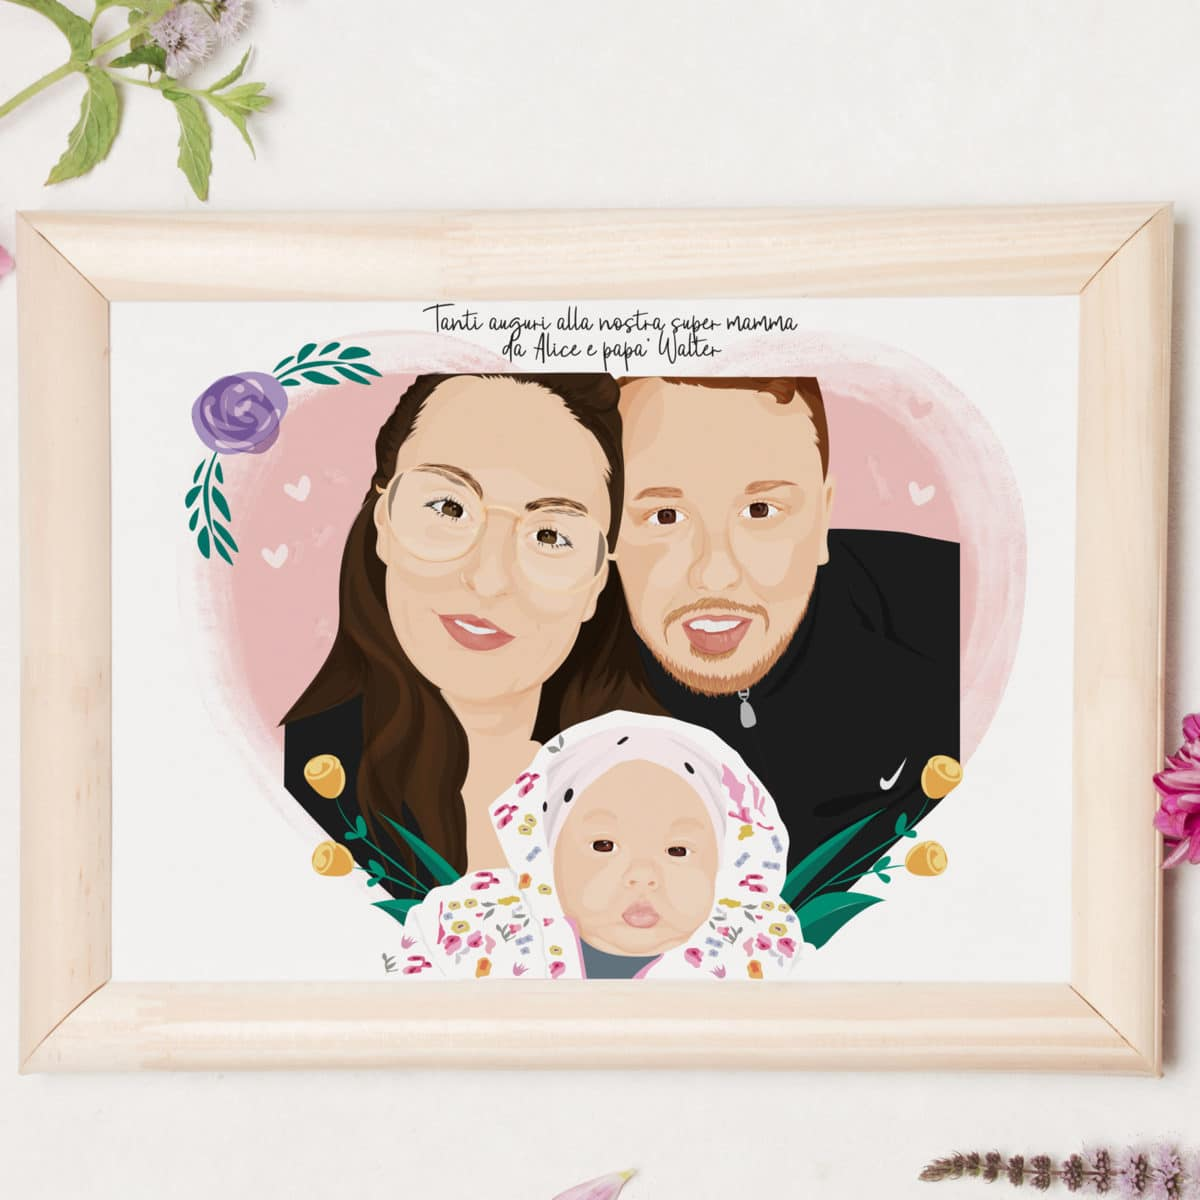 ritratto-digitale-nuova-nascita-regalo-personalizzato